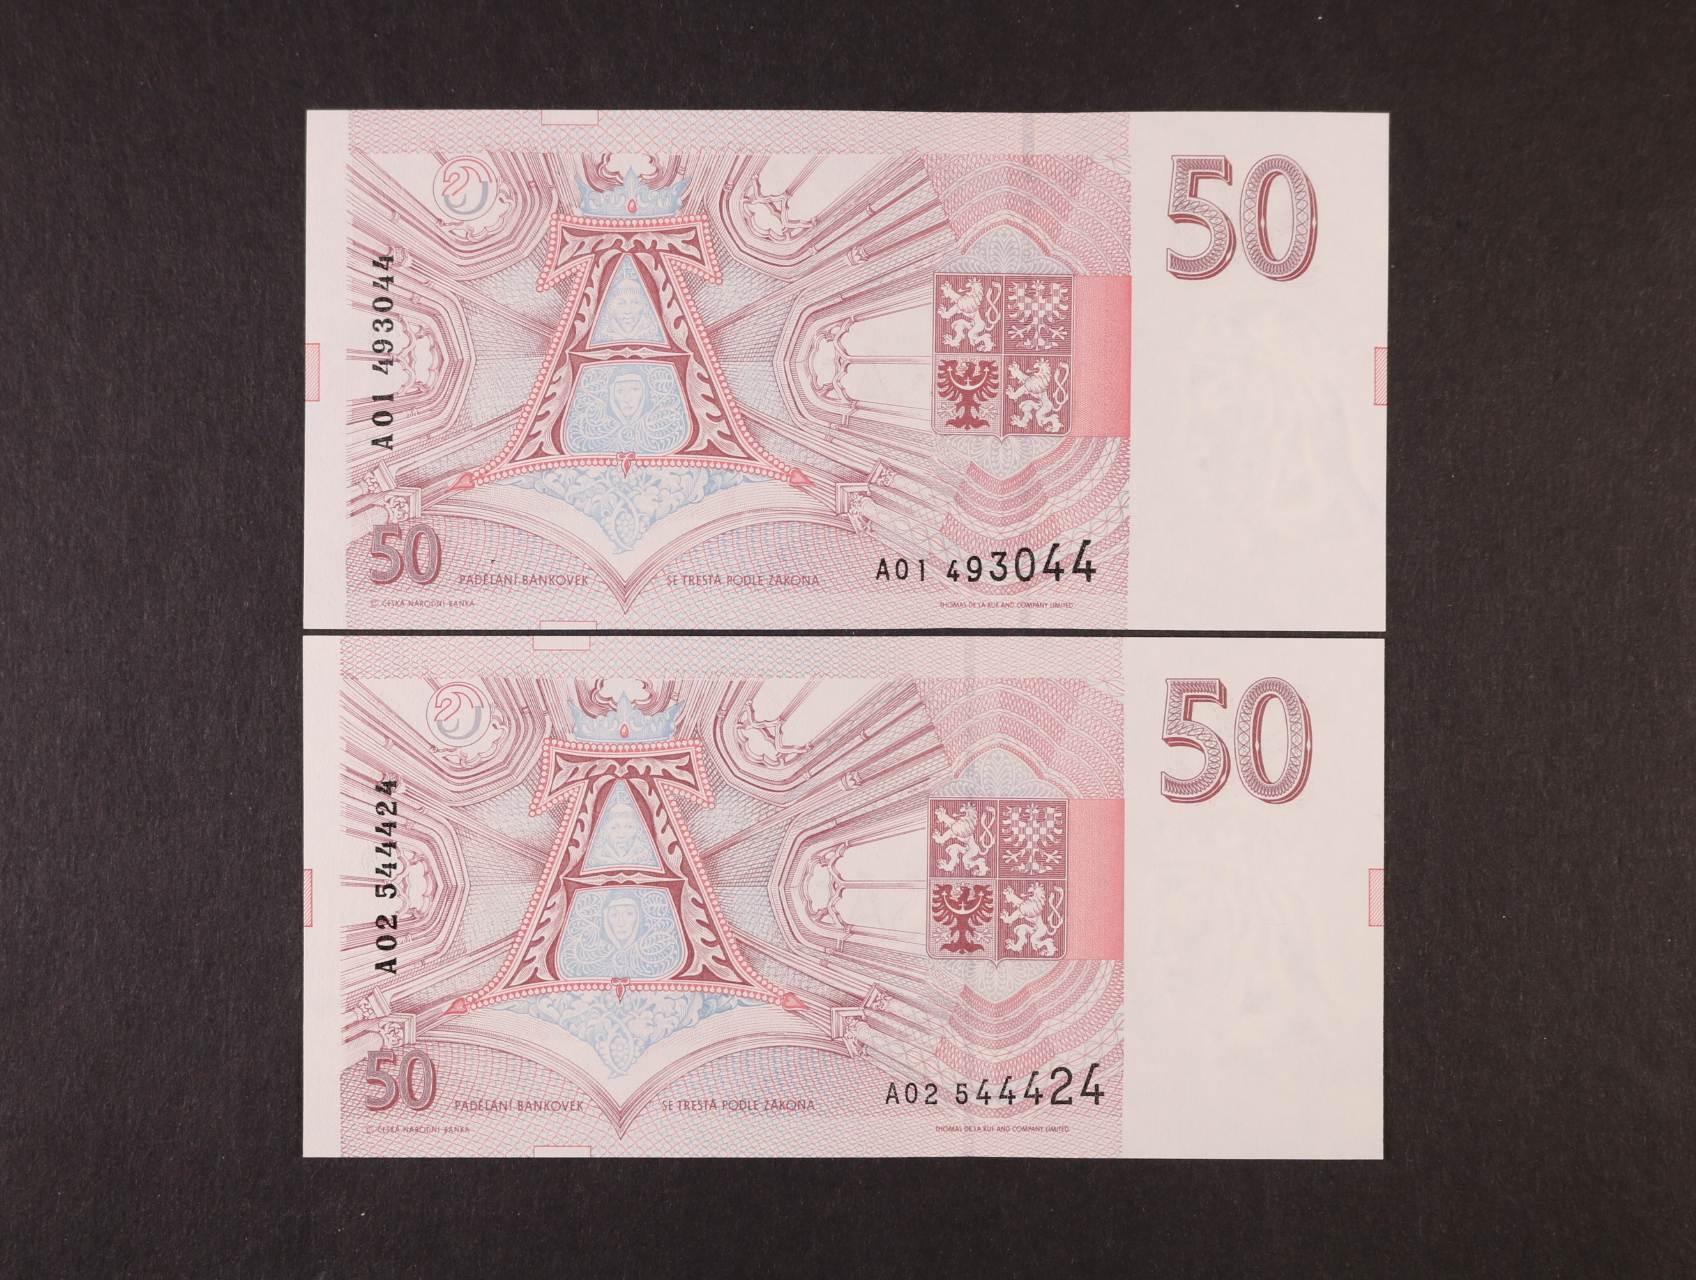 50 Kč 1993 série A 01, A 02, Ba. CZ 4, Pi. 4, 2ks